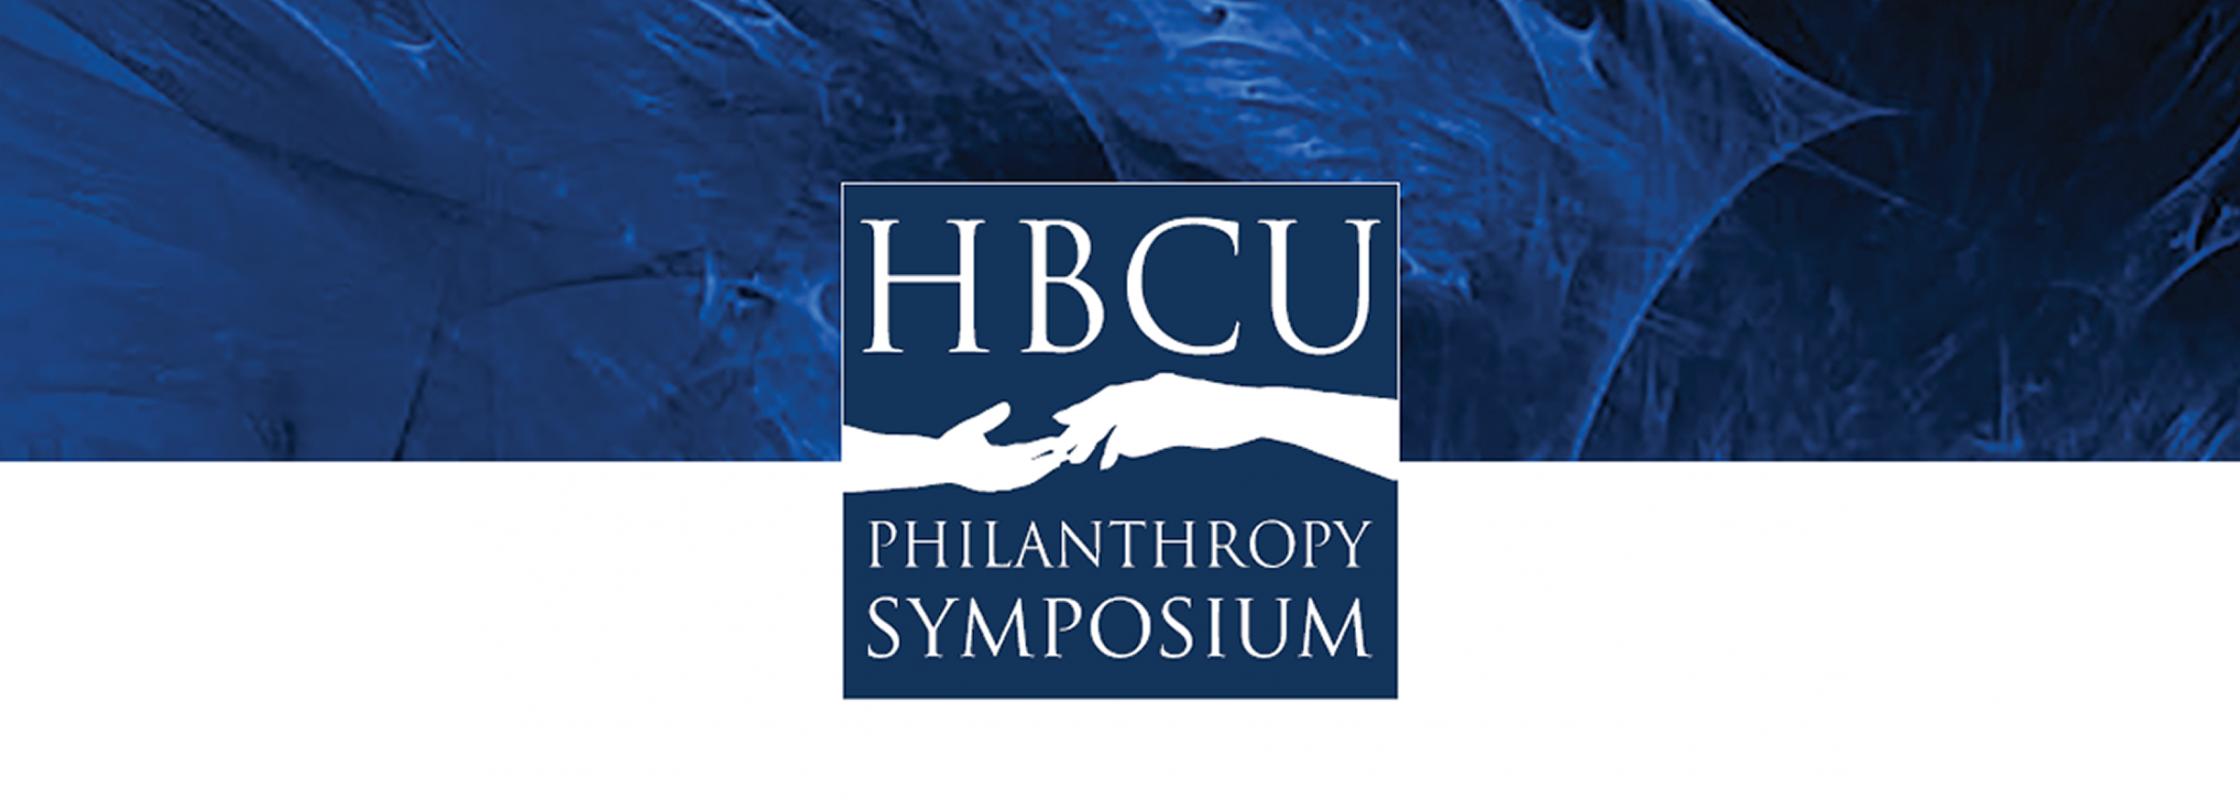 hbcu symposium